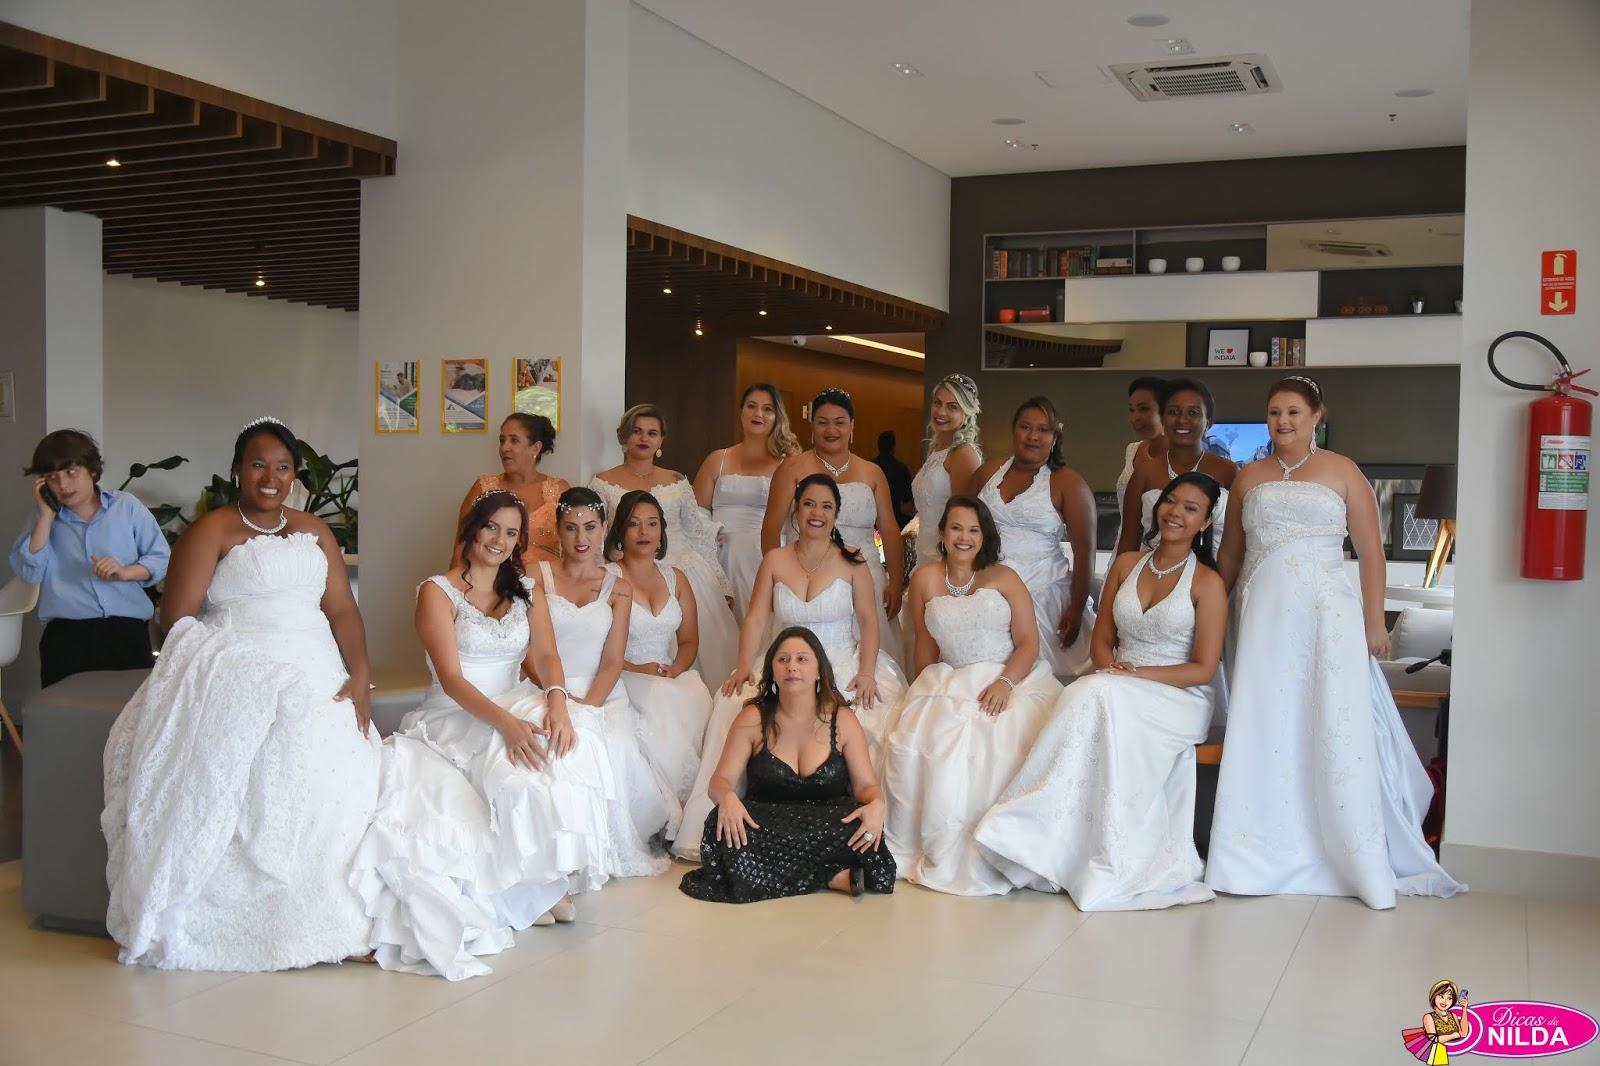 685839ce2f O Vereador Massao Kanesaki entre as noivas do dia e a dona do Projeto